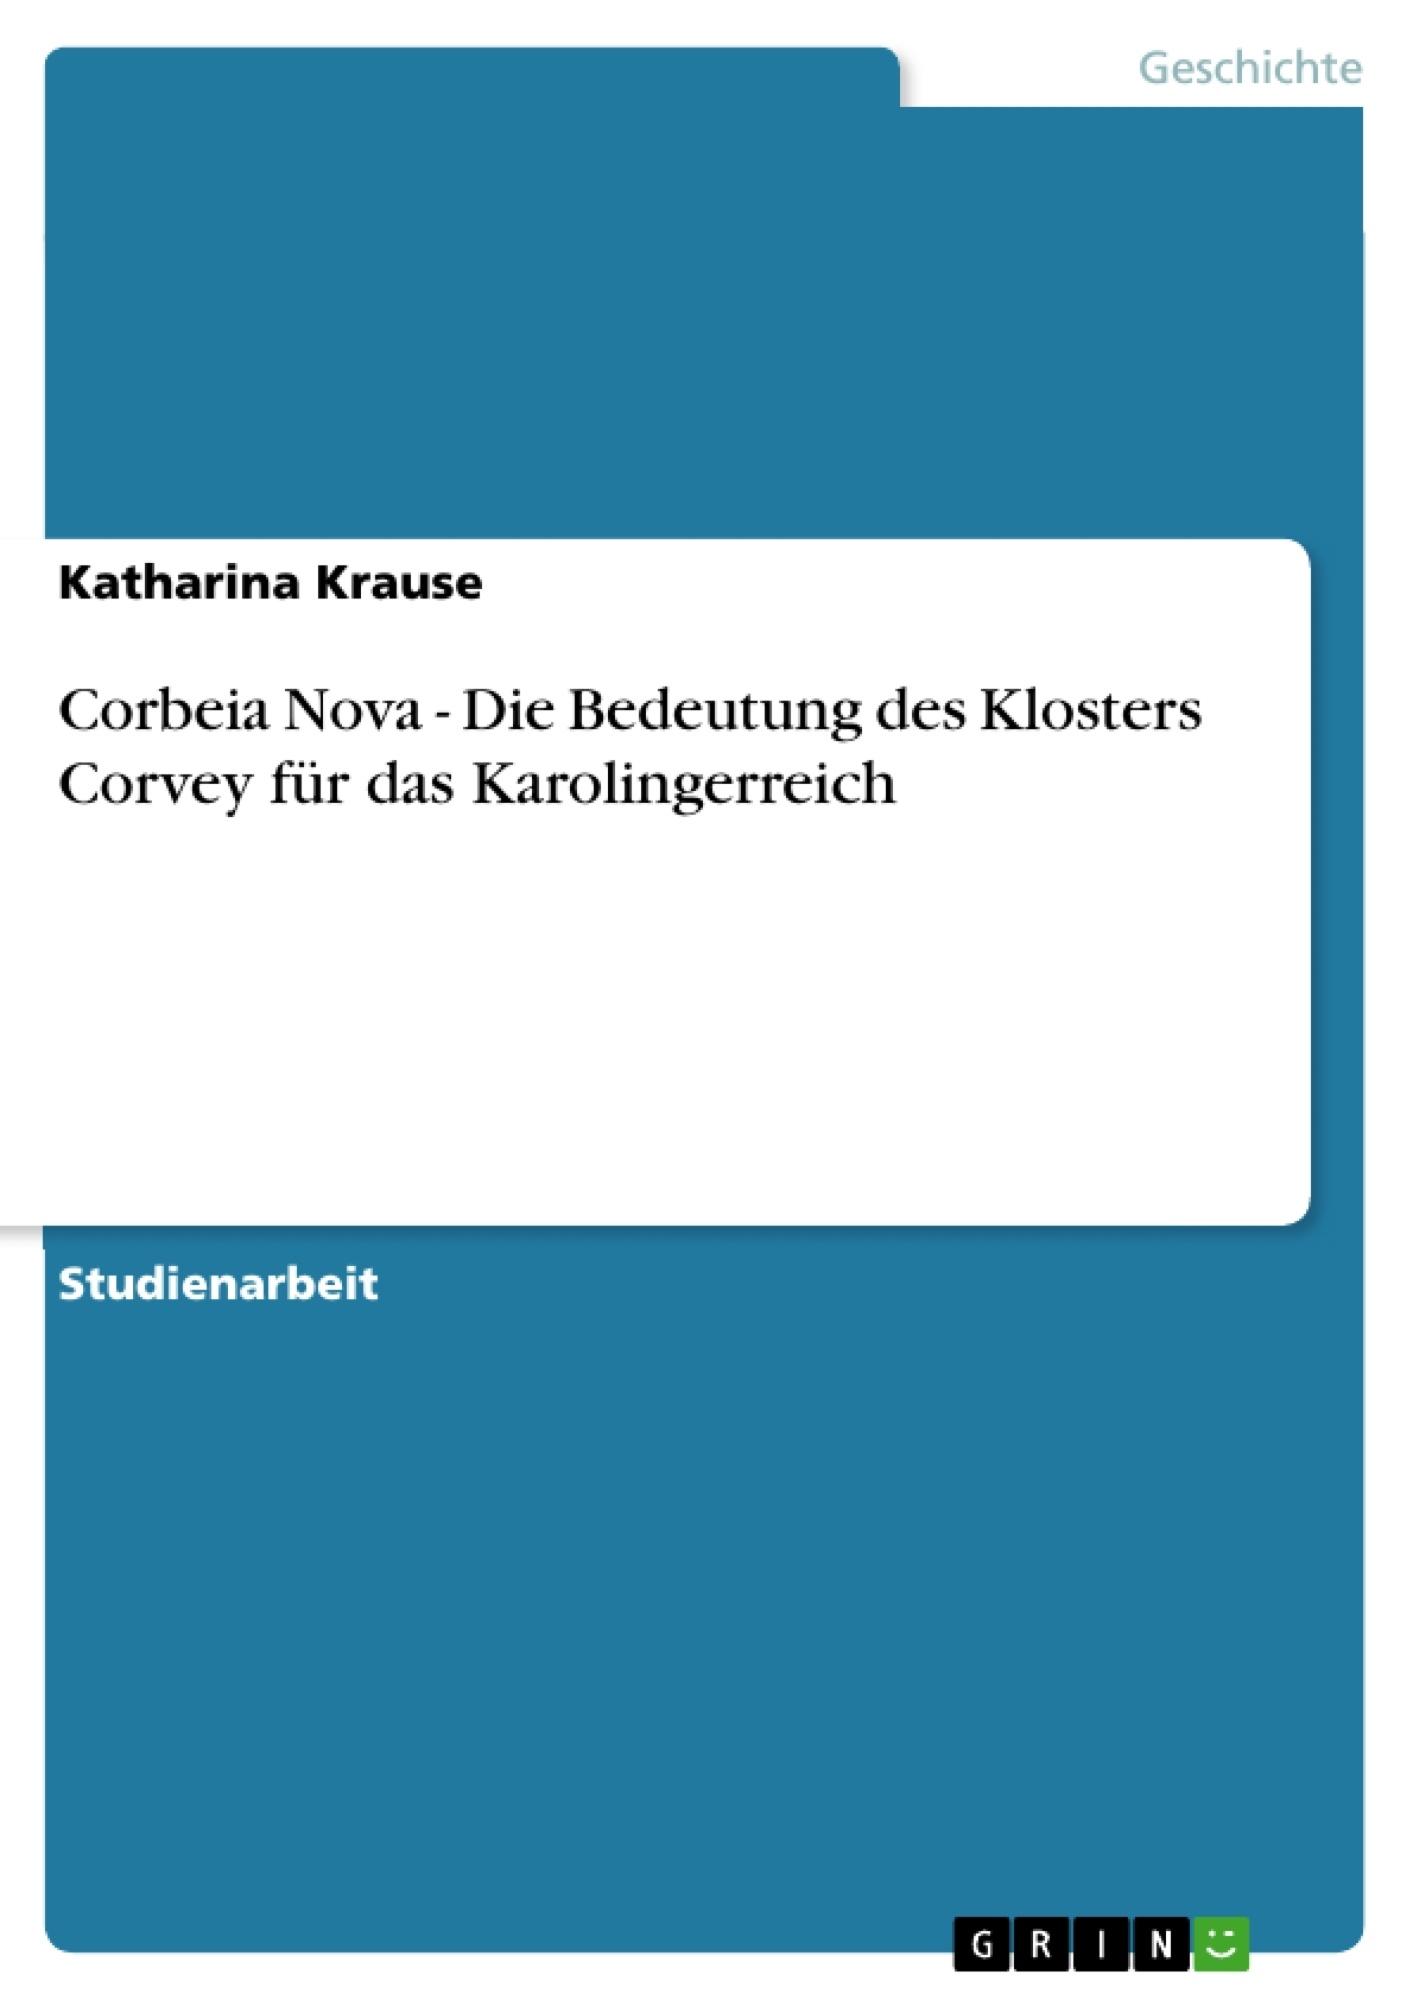 Titel: Corbeia Nova - Die Bedeutung des Klosters Corvey für das Karolingerreich